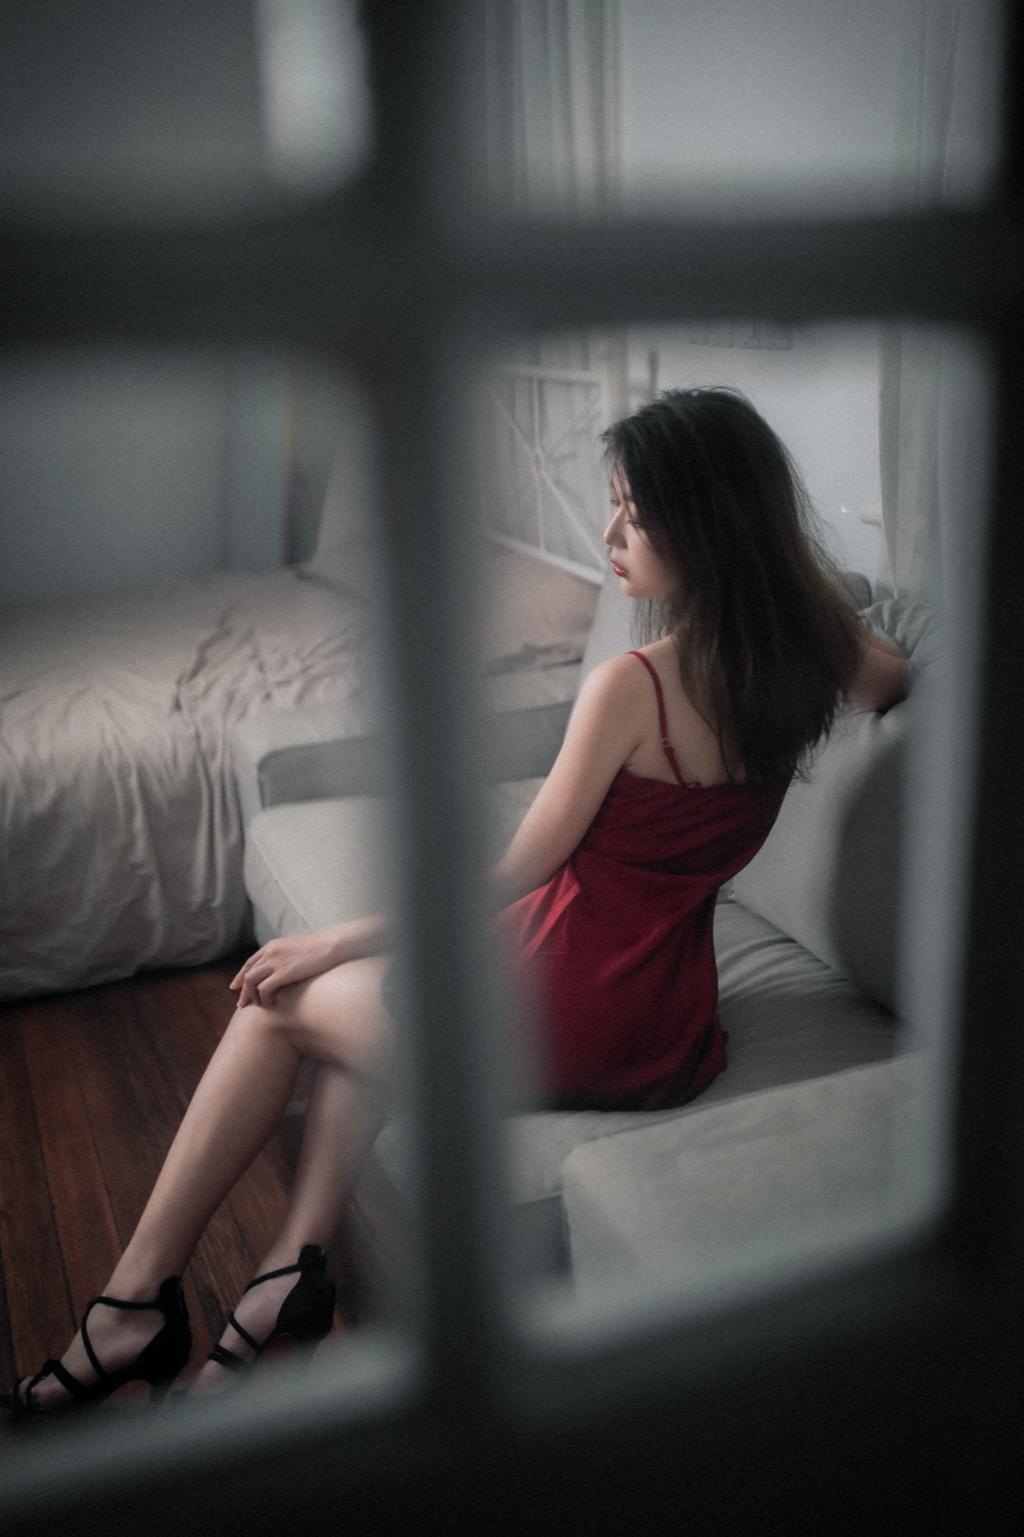 《花落知多少》红色睡衣私房写真图片